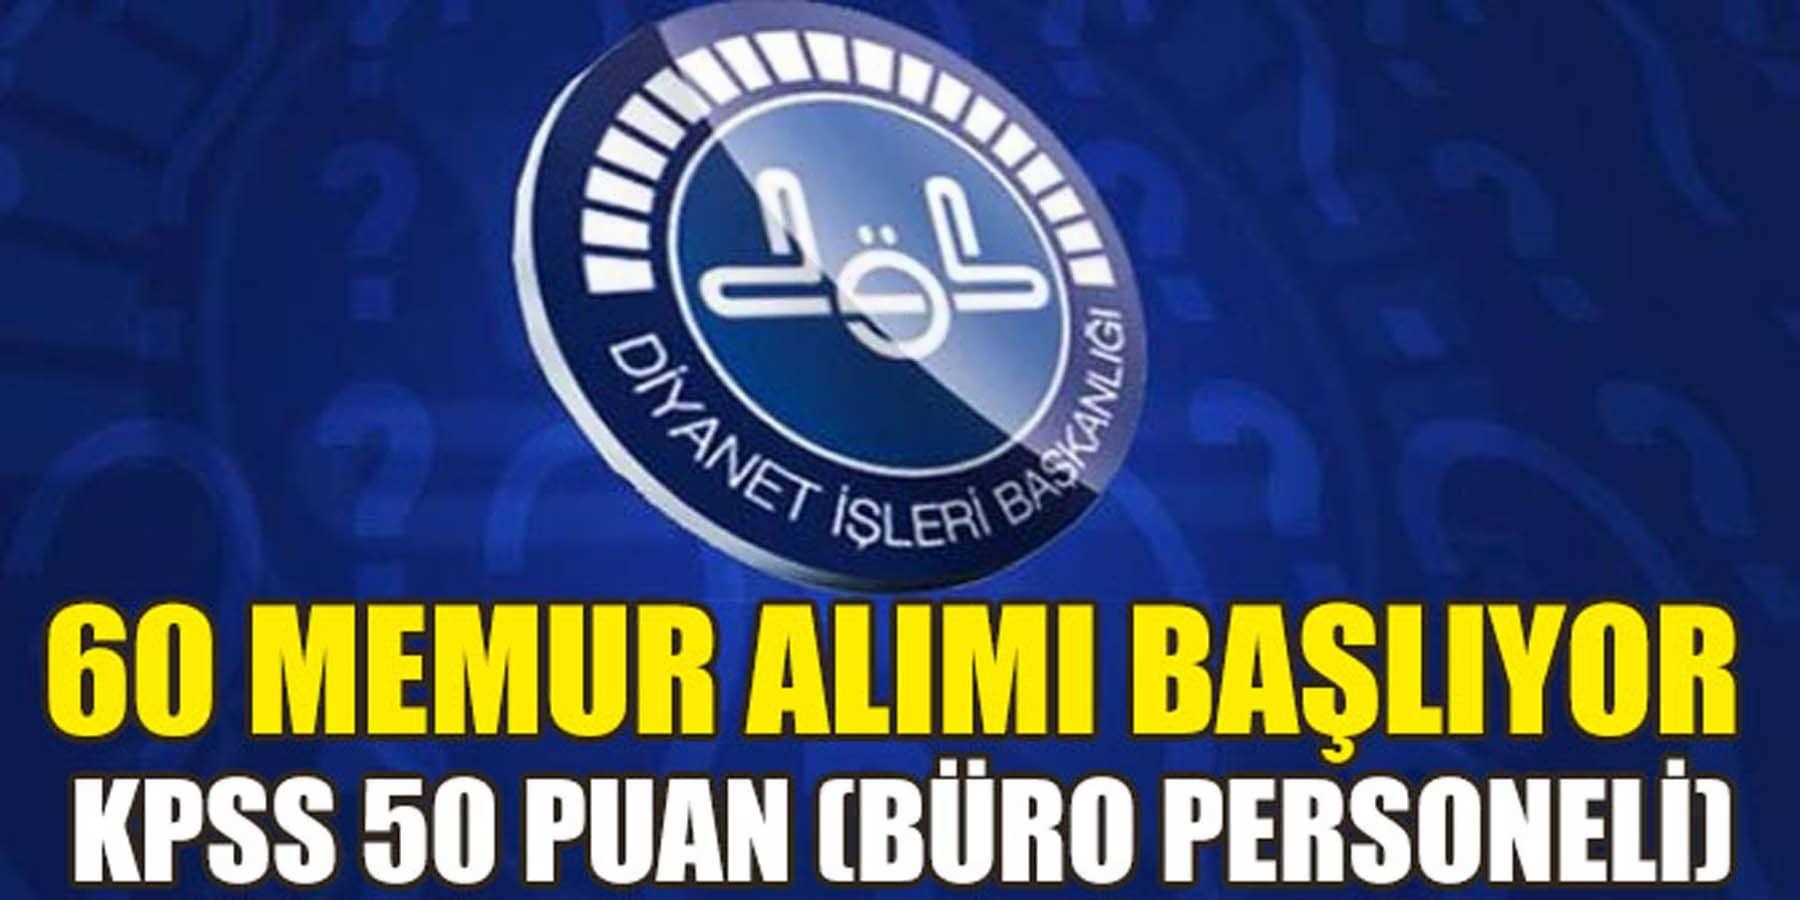 DPB Diyanet 60 Memur Alımı Başvurusu Başlıyor (KPSS 50 PUAN)